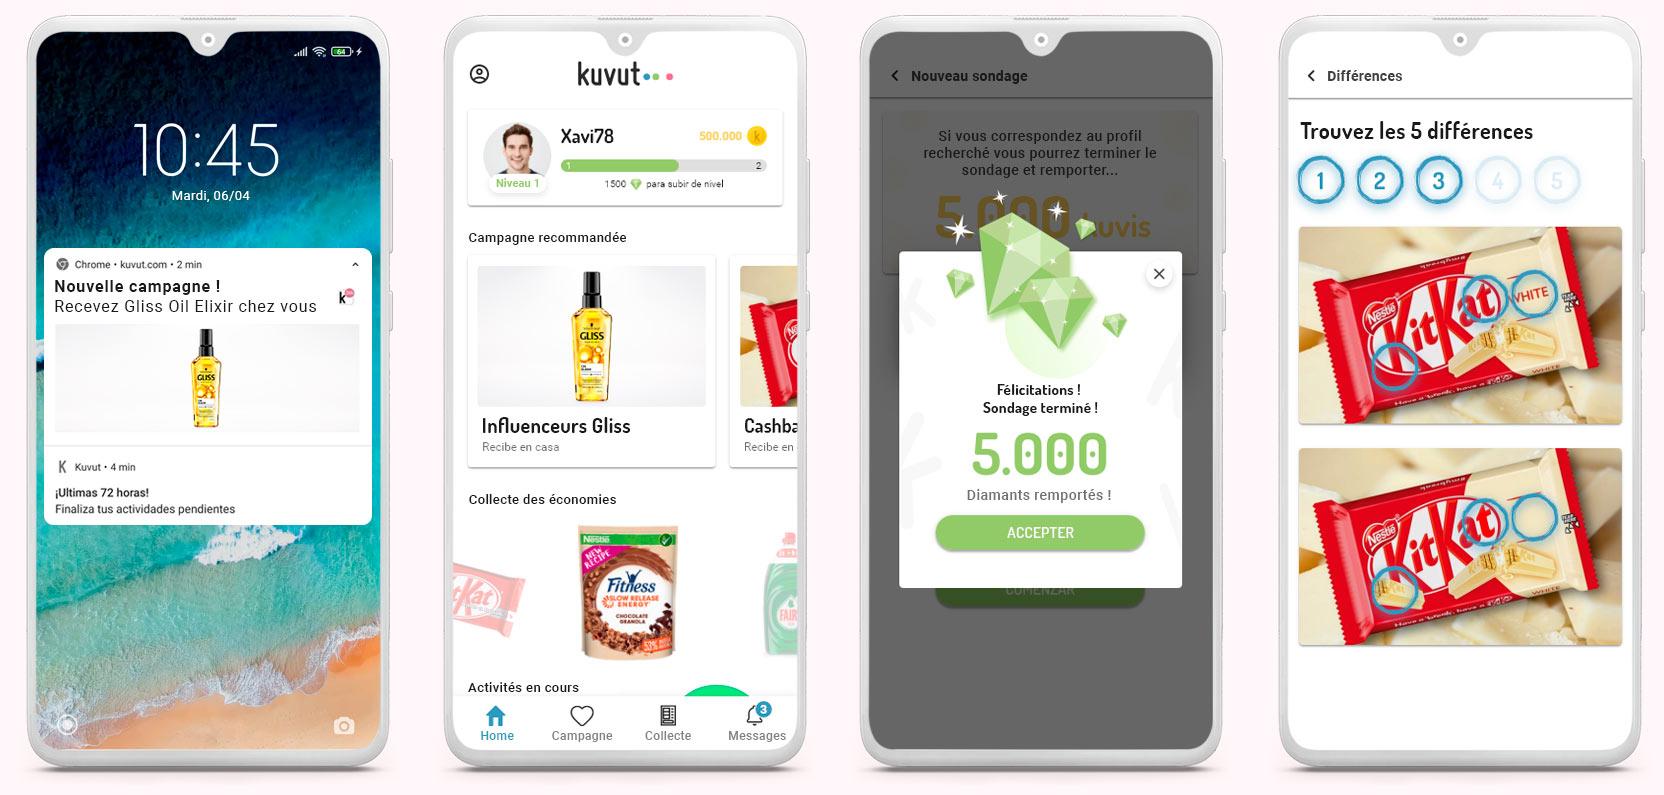 Technologie Kuvut sur l'application qui mesure les intéractions et l'impact